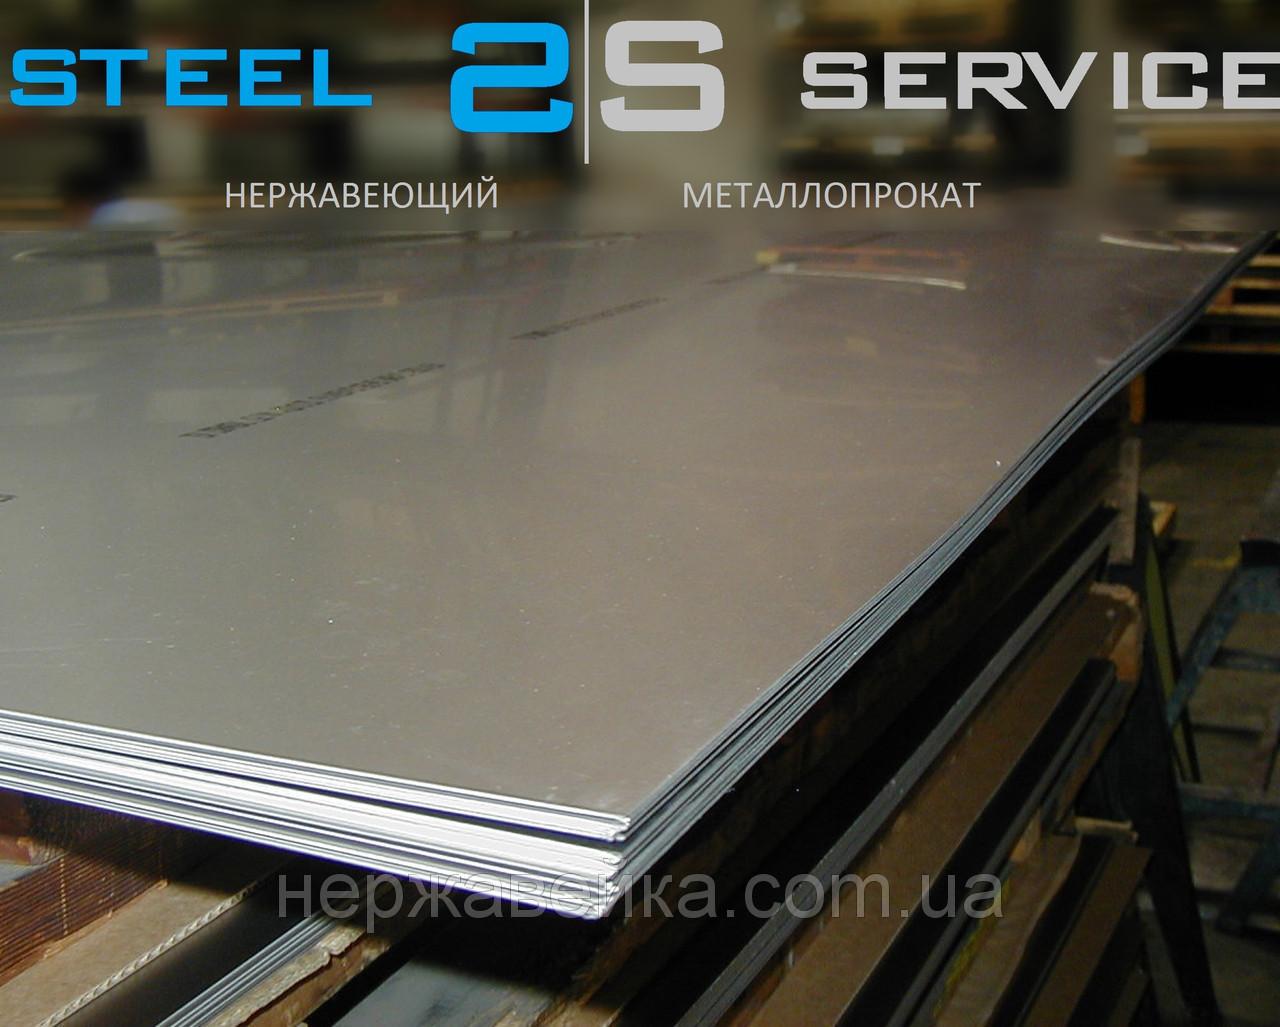 Нержавеющий лист 0,5х1250х2500мм  AISI 304(08Х18Н10) 4N - шлифованный,  пищевой